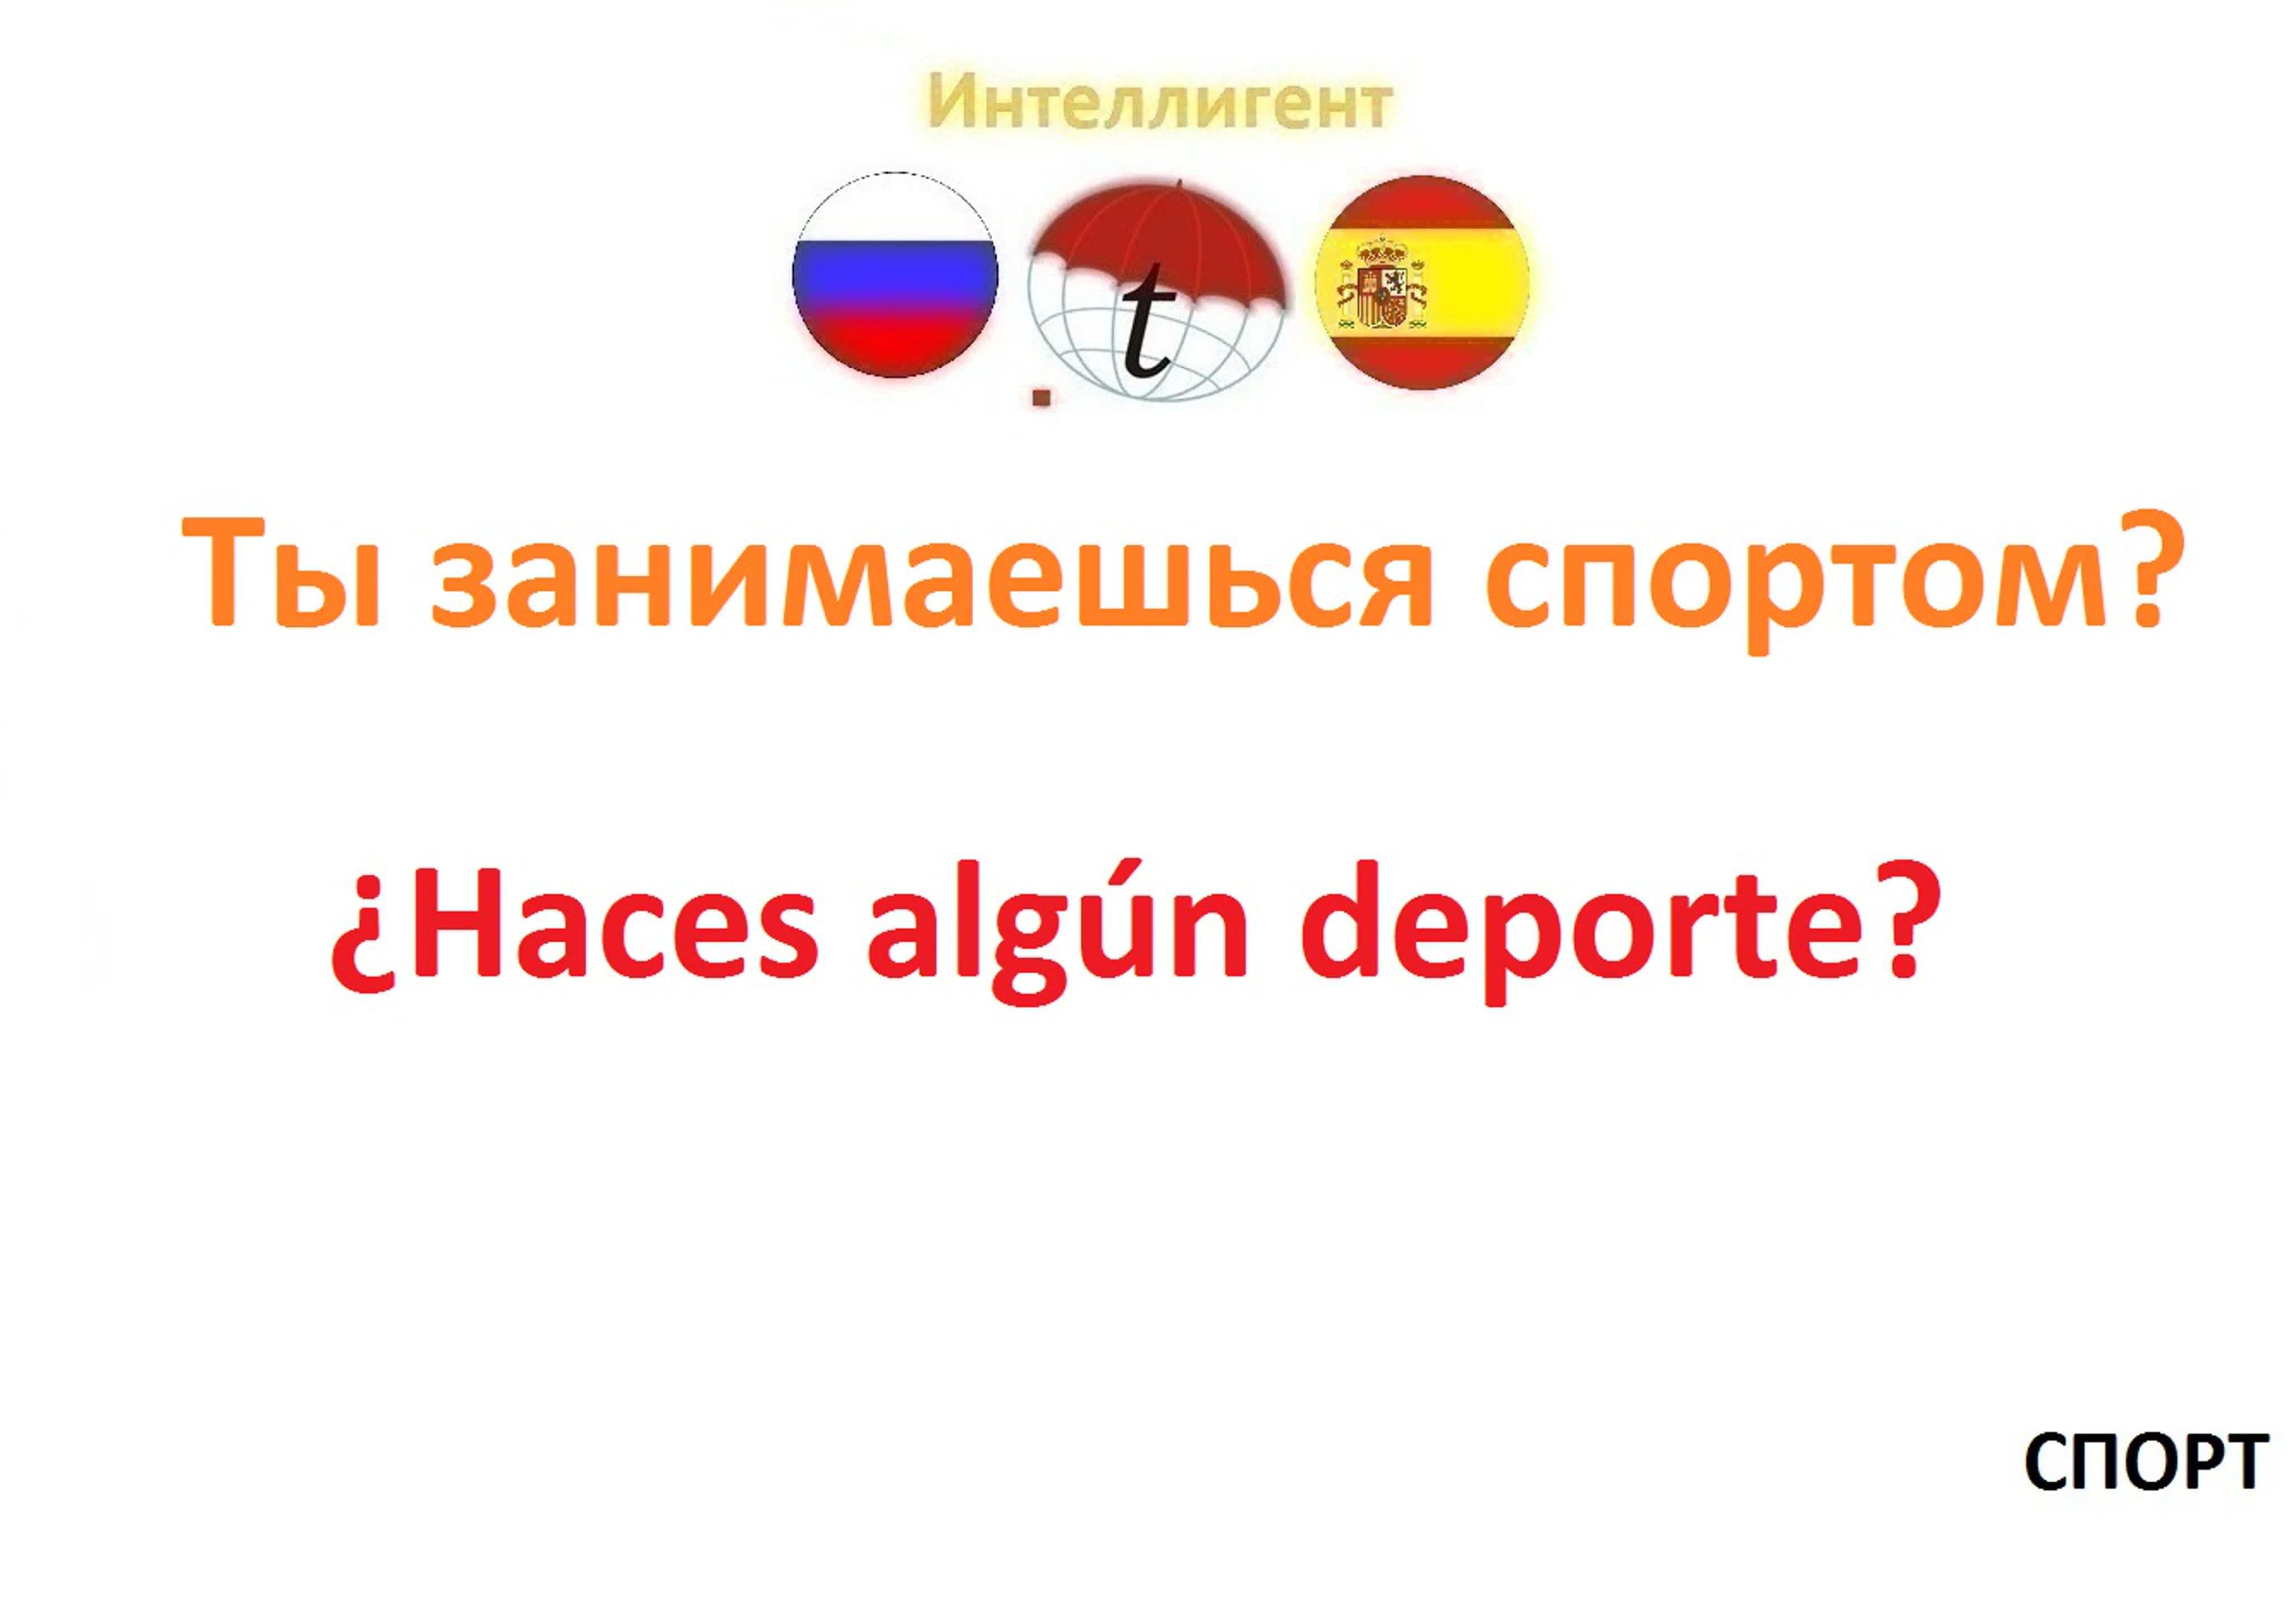 испанский язык какое место занимает в мире